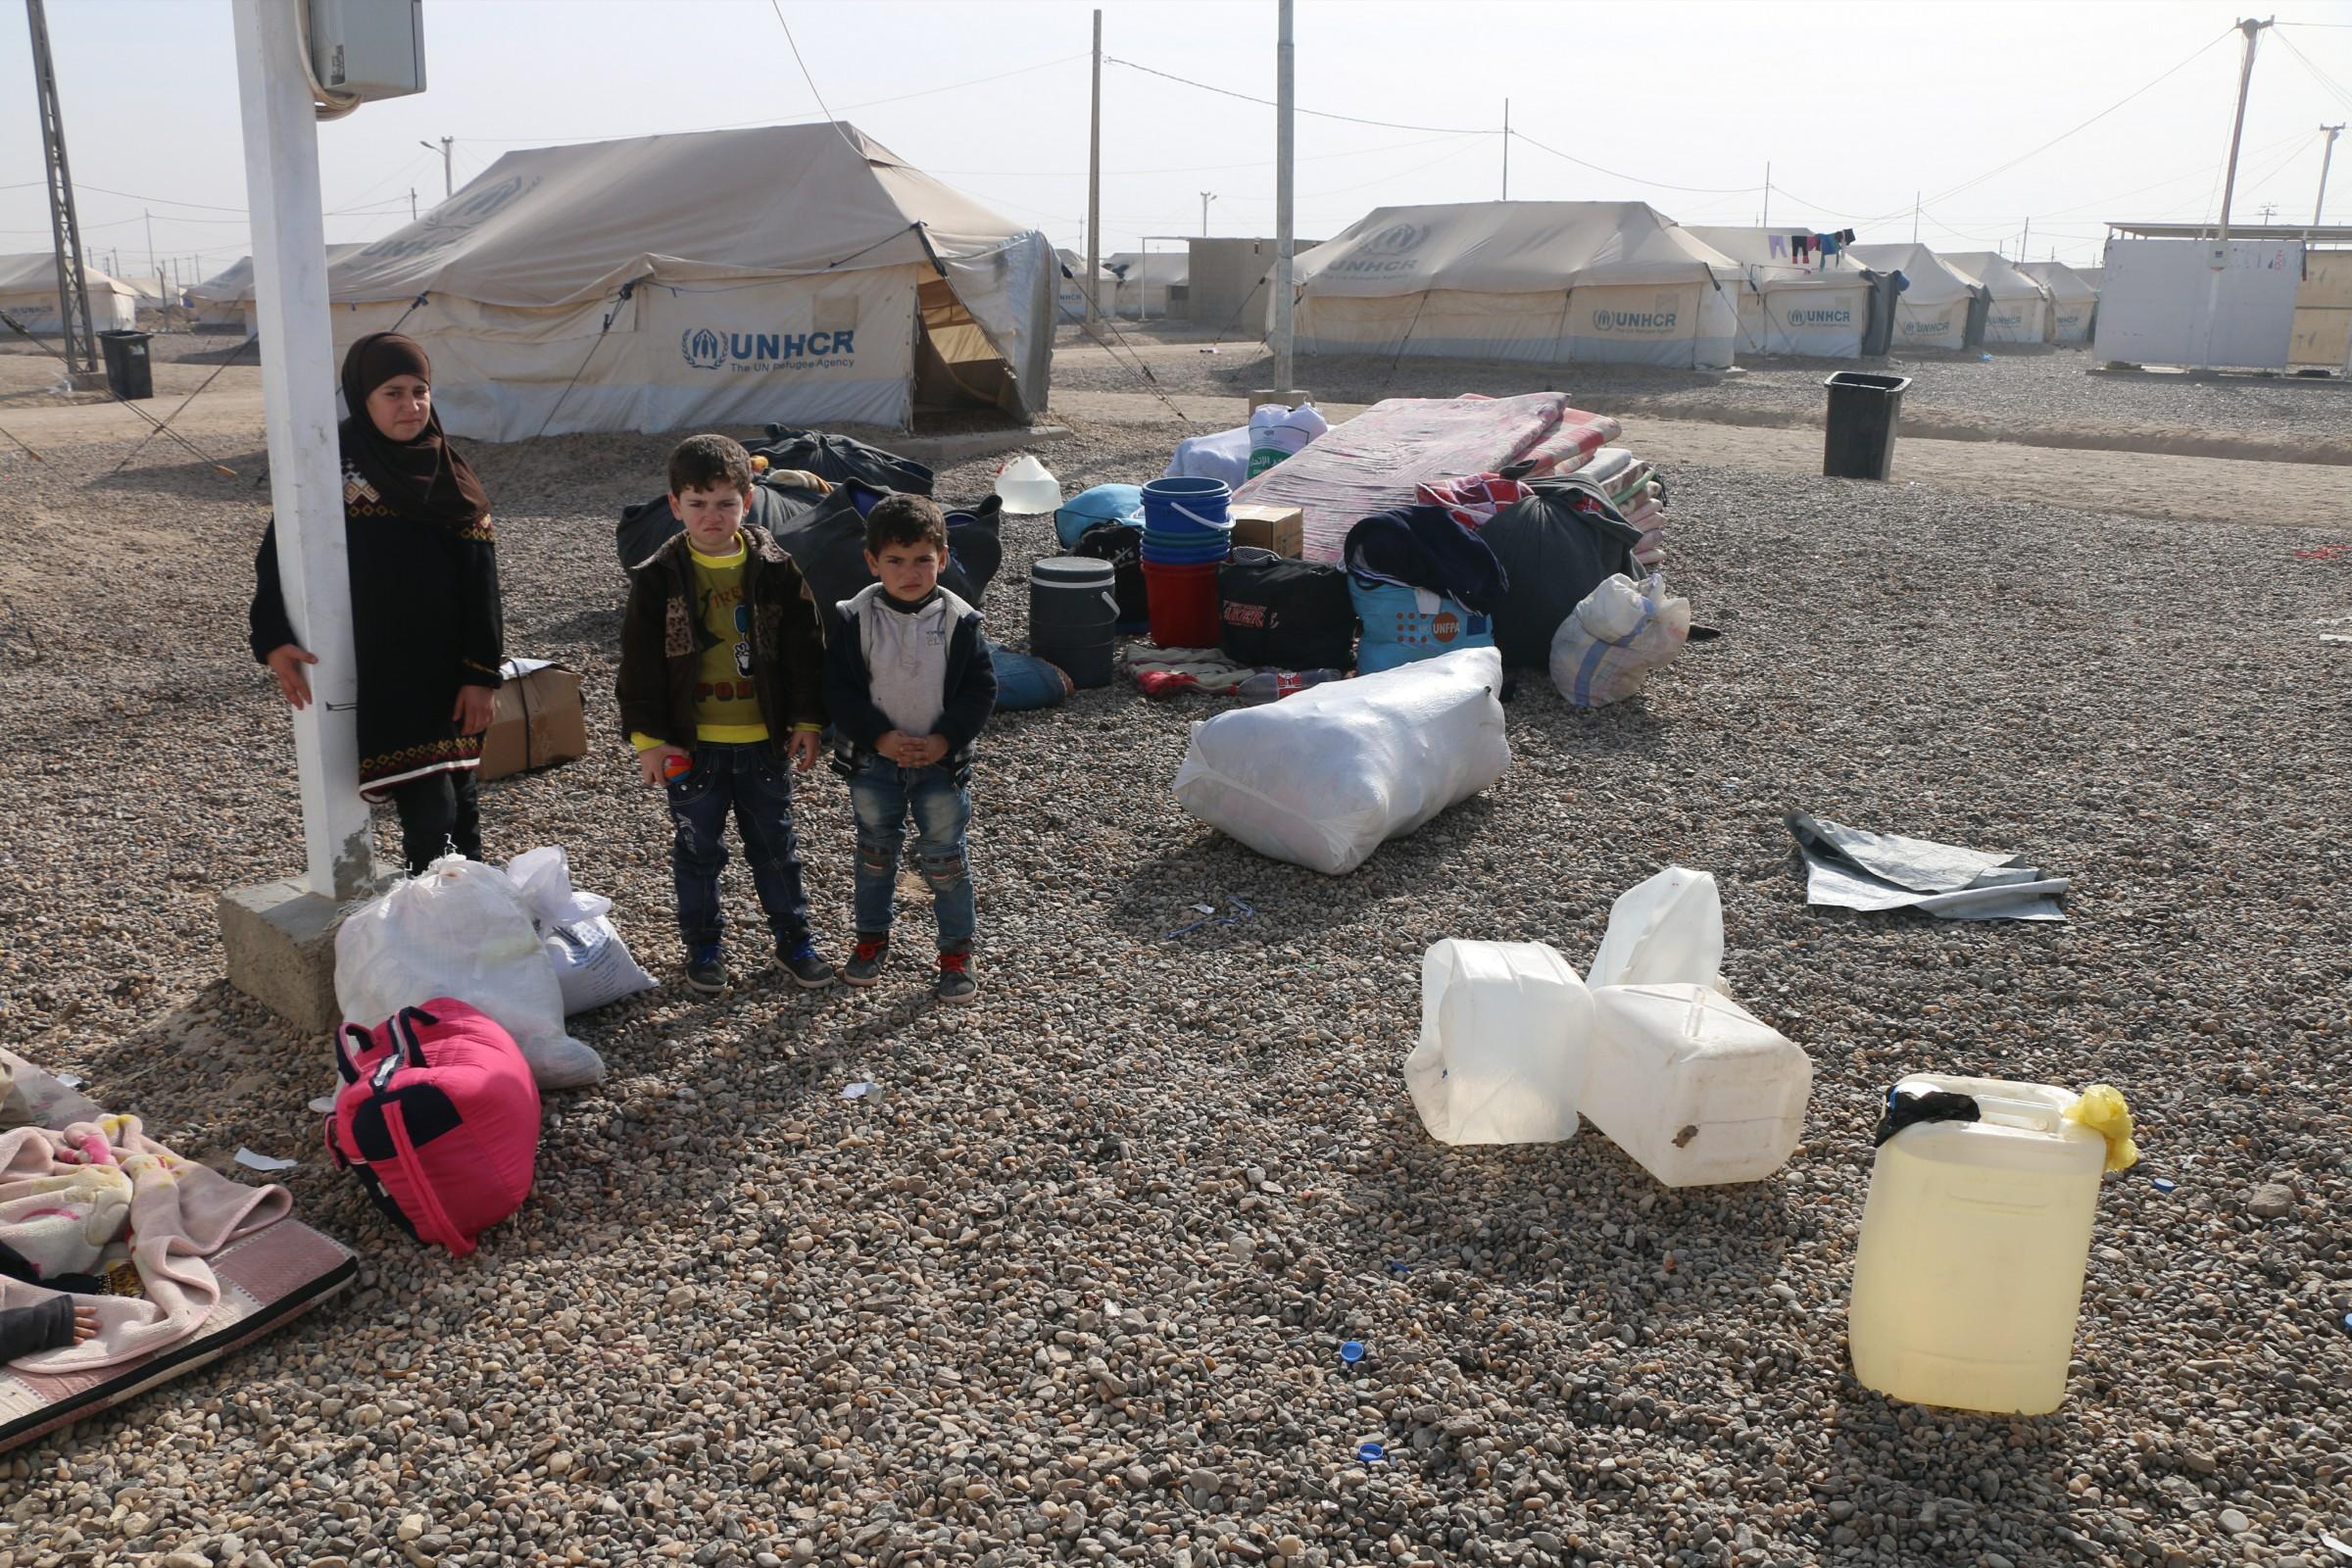 غلق أول مخيم في الأنبار بعد عودة نازحيه لمناطقهم المحررة